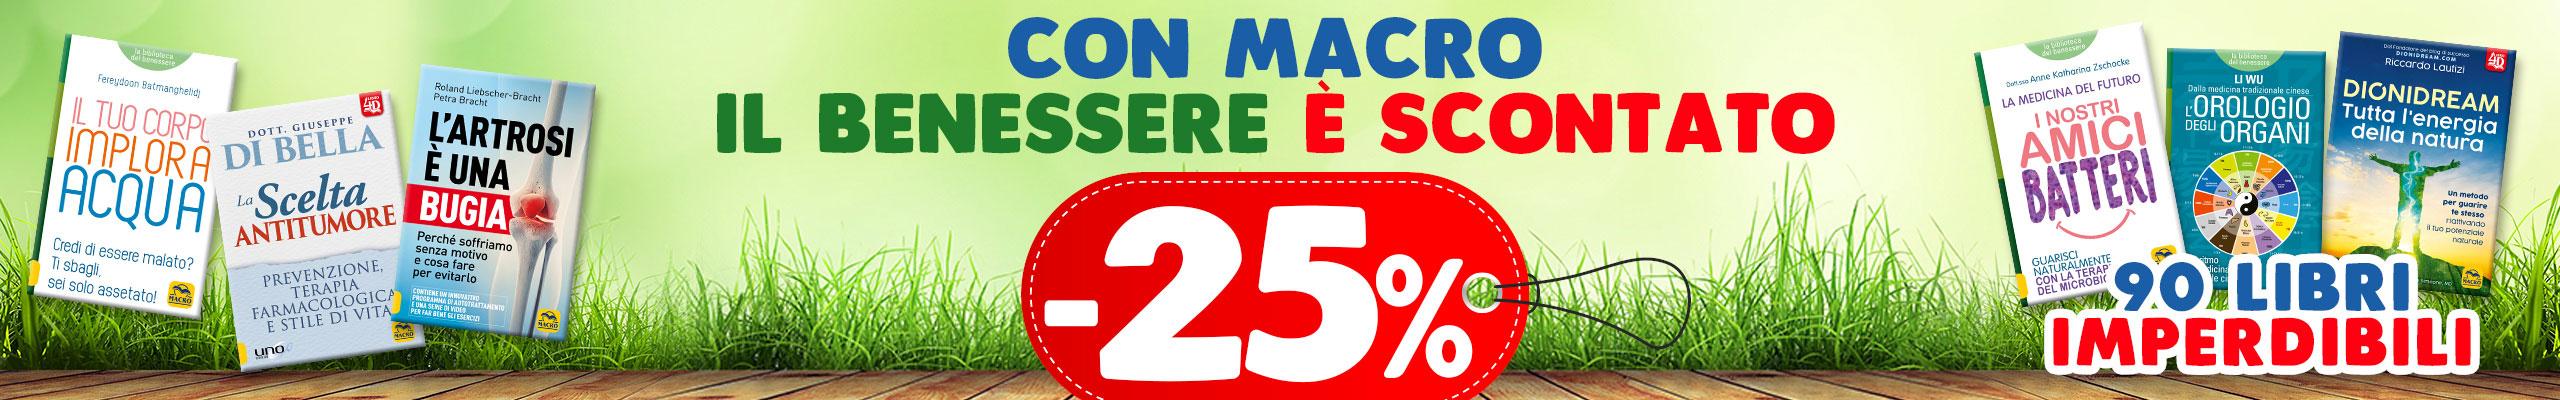 Macro benessere -25%